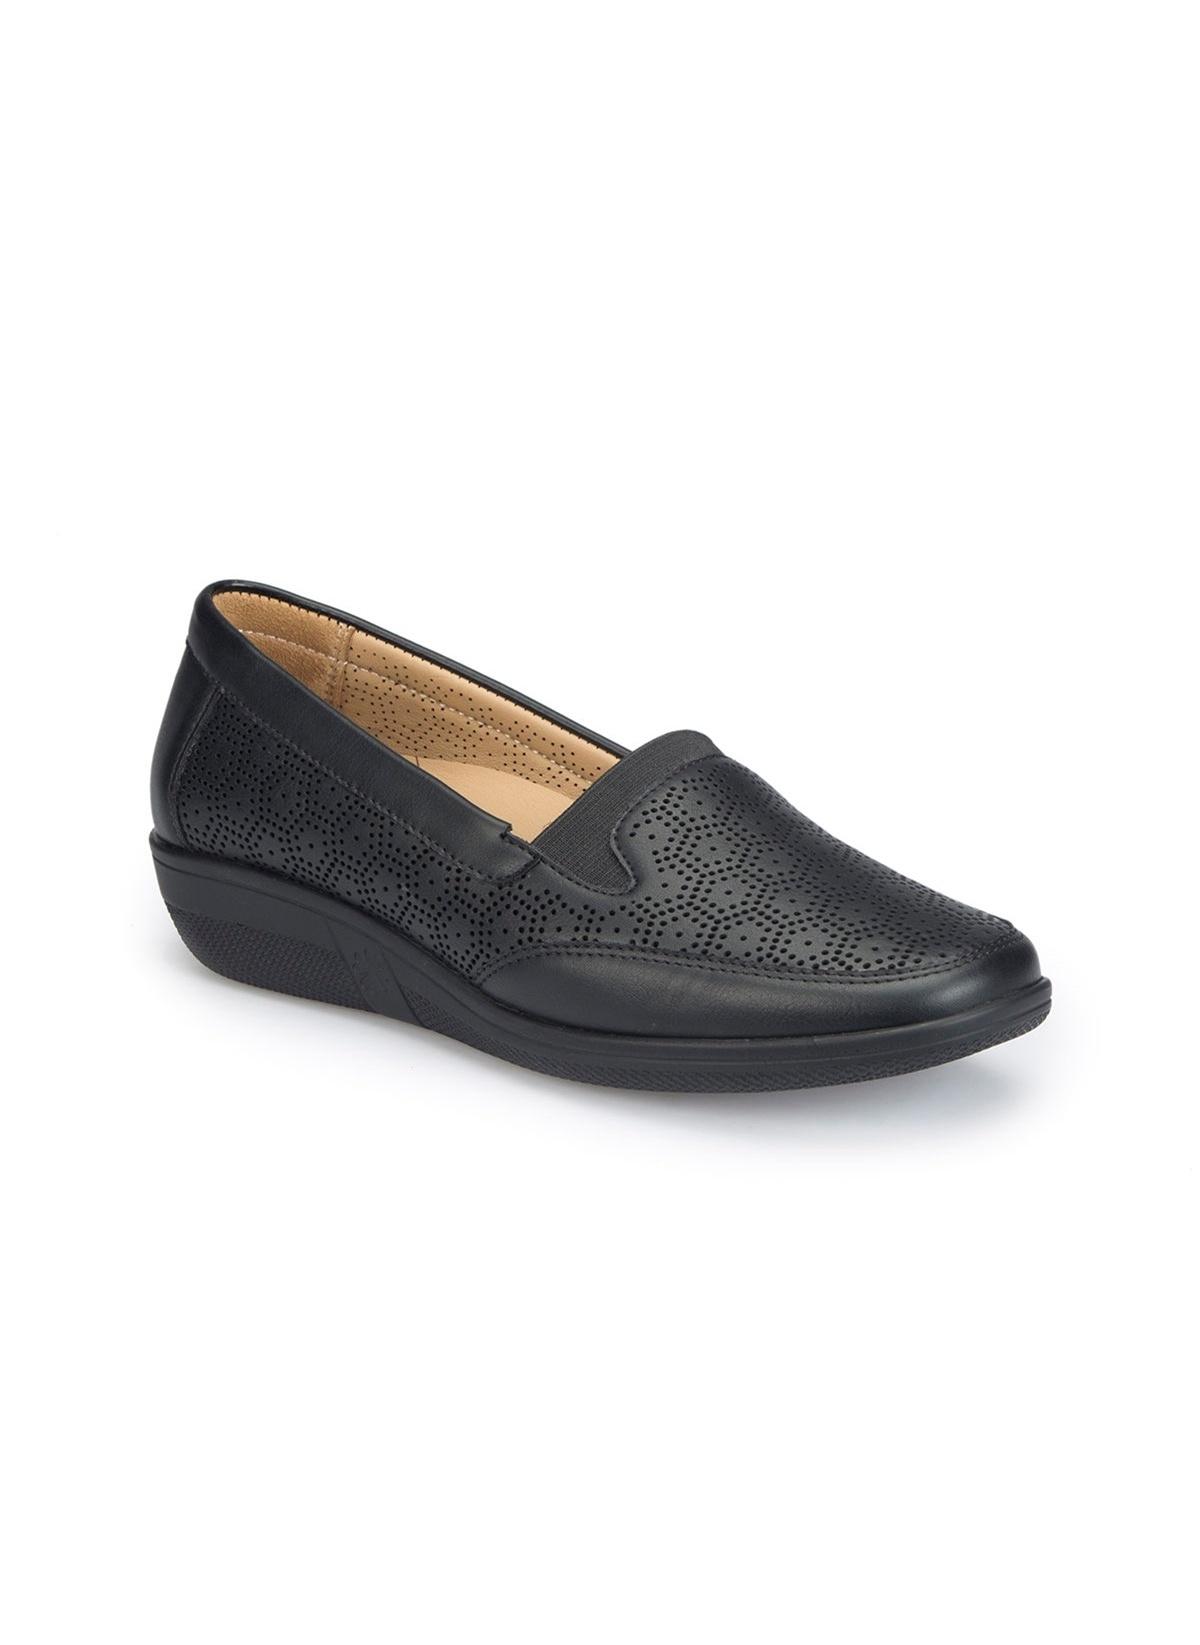 Polaris Ayakkabı 81.111020.z Basic Comfort – 74.99 TL